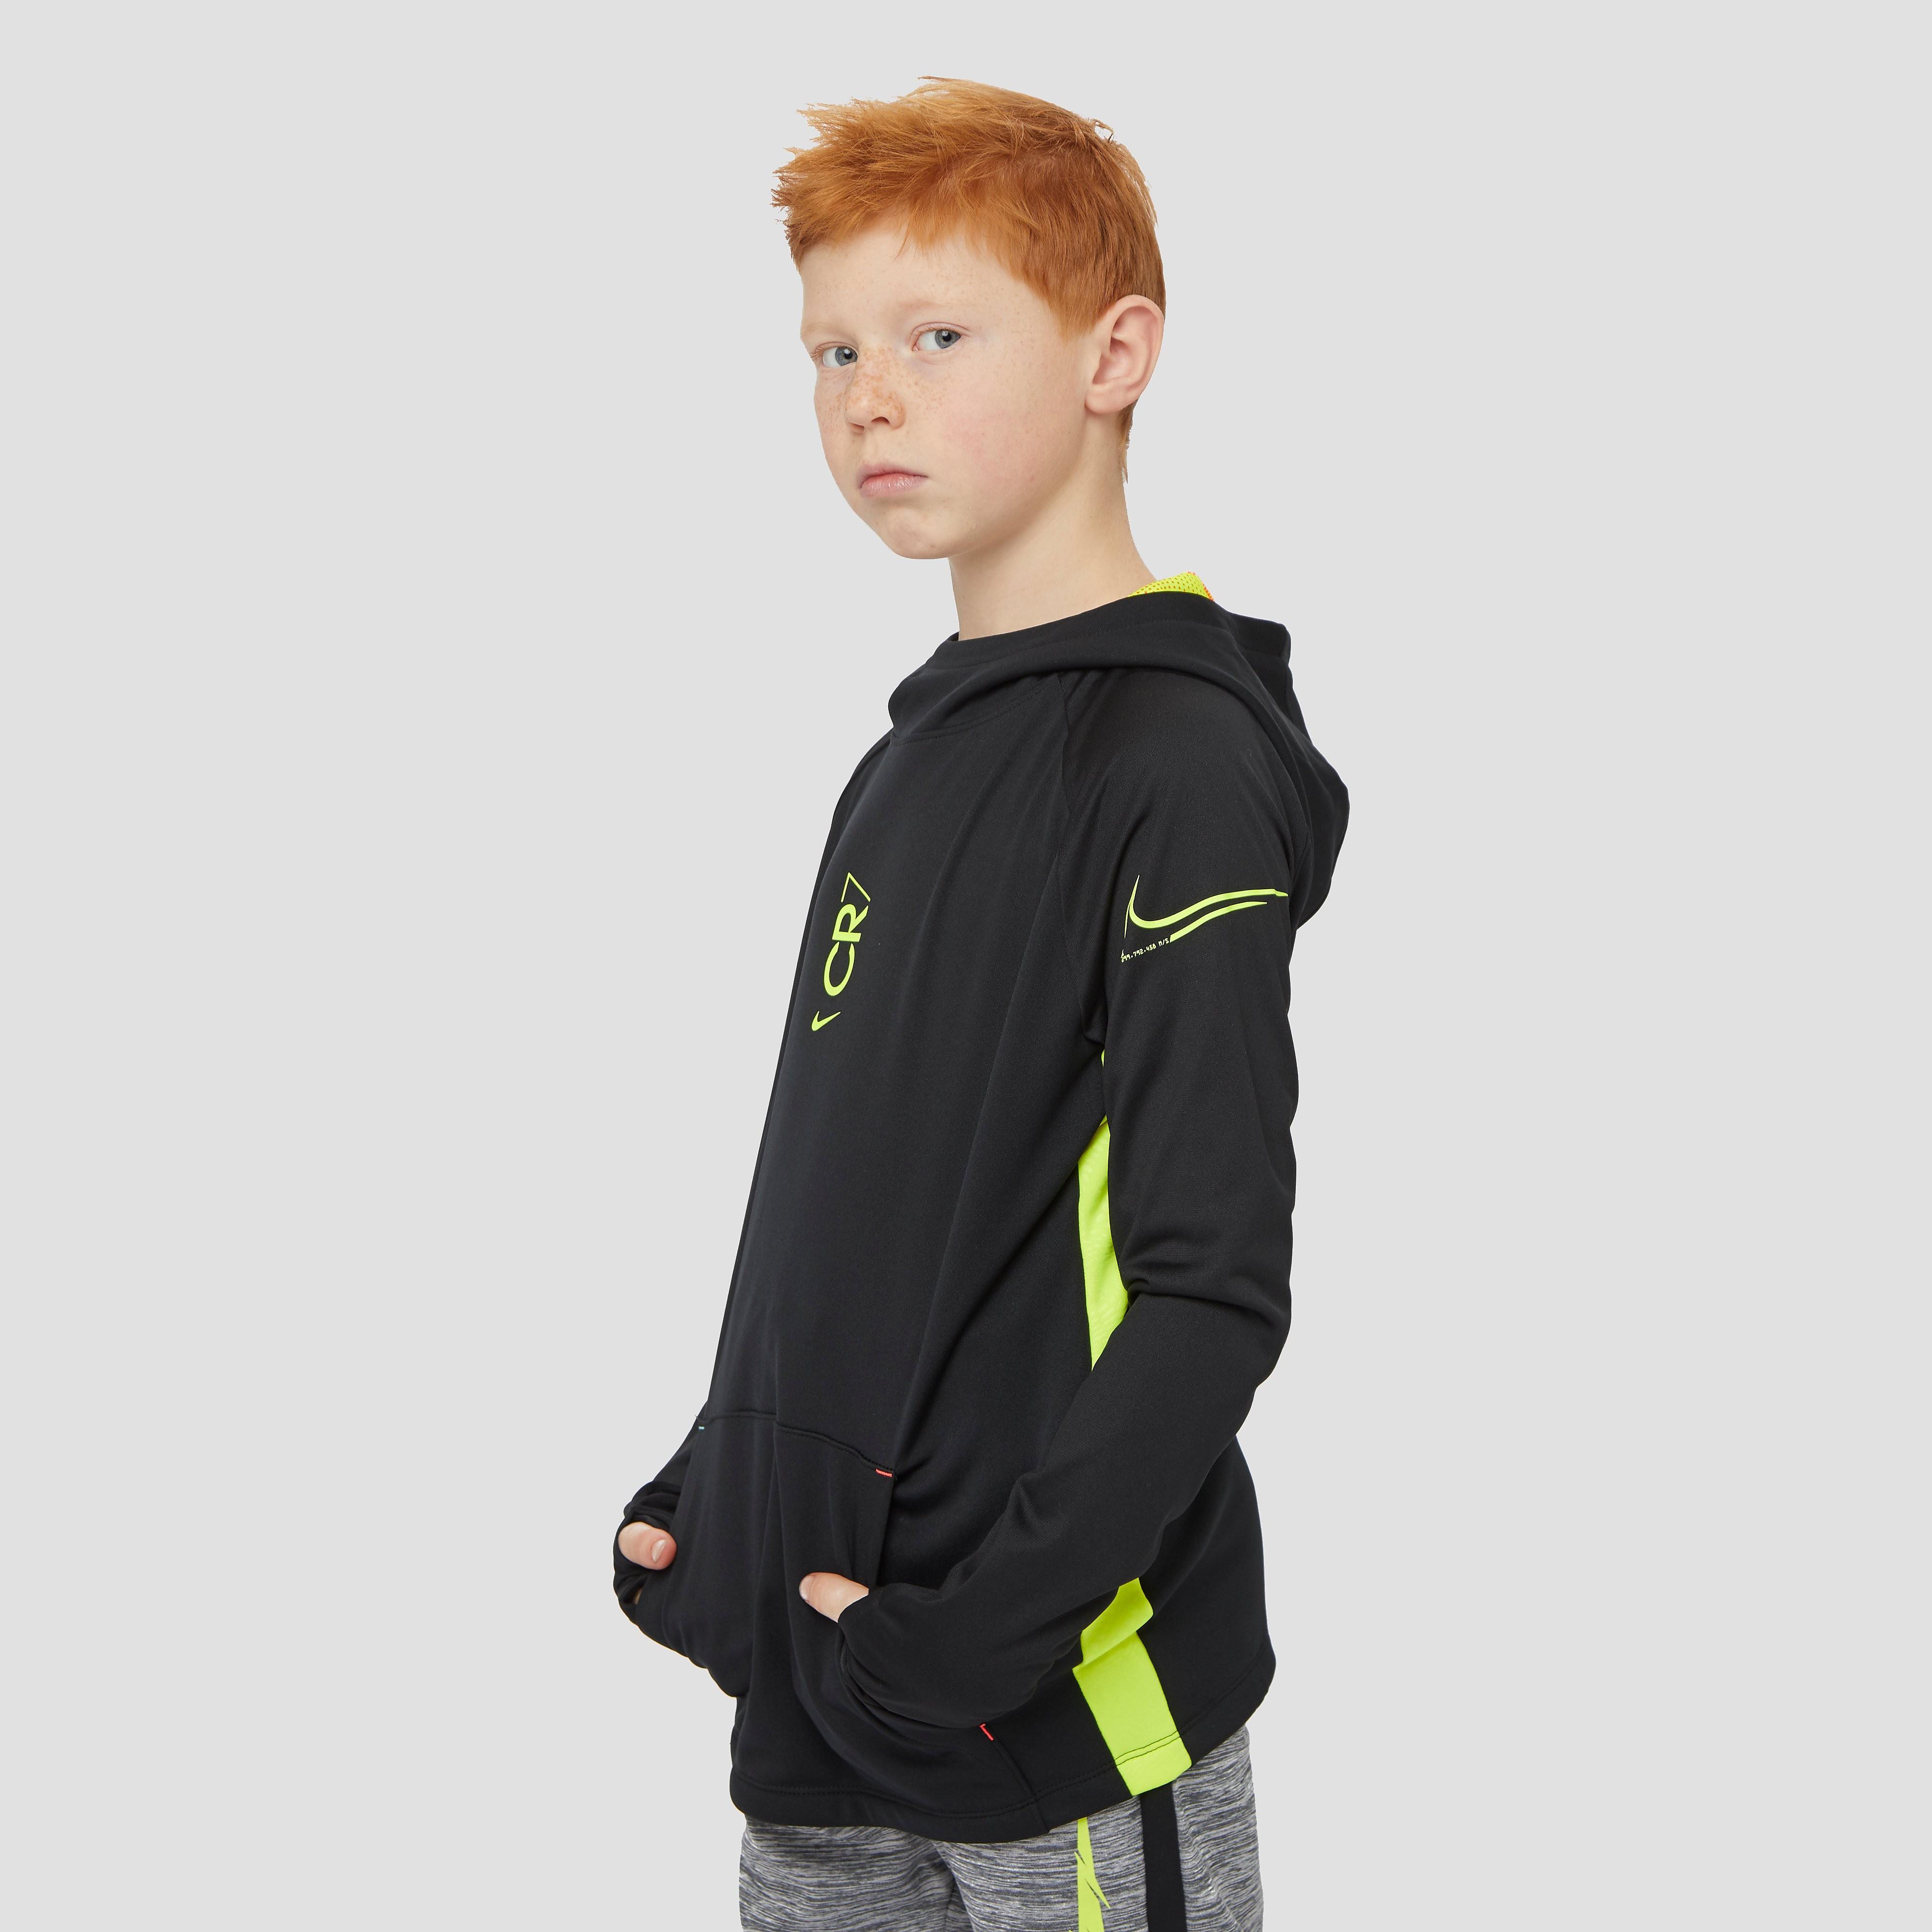 NIKE Cr7 dri-fit voetbaltrui zwart/geel kinderen Kinderen